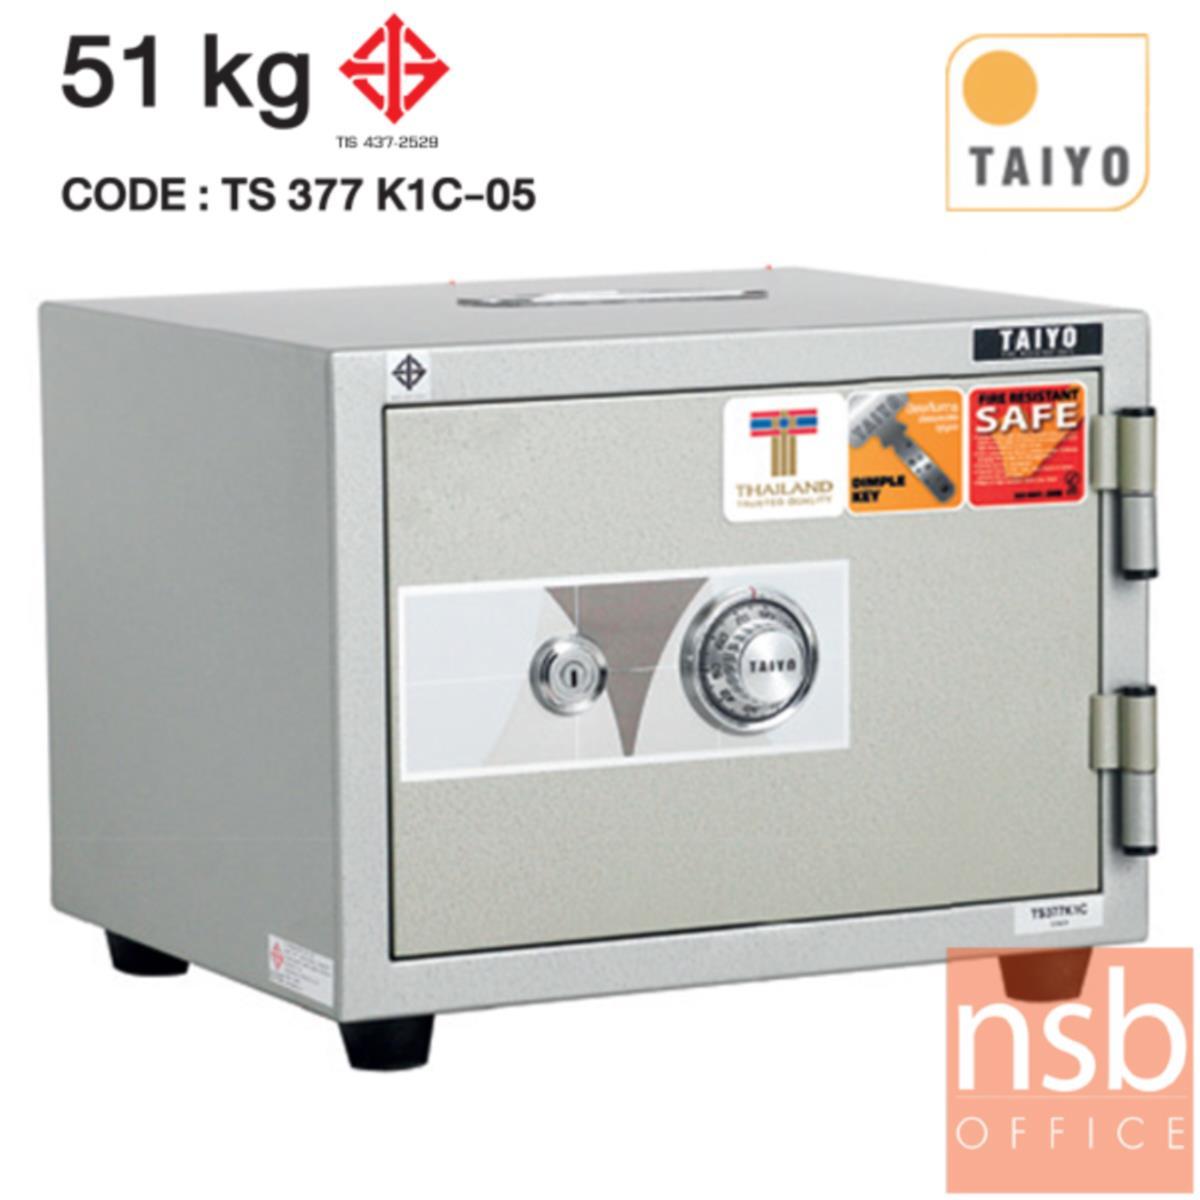 F01A003:ตู้เซฟ TAIYO 51 กก. 1 กุญแจ 1 รหัส   (TS 377 K1C มอก.)